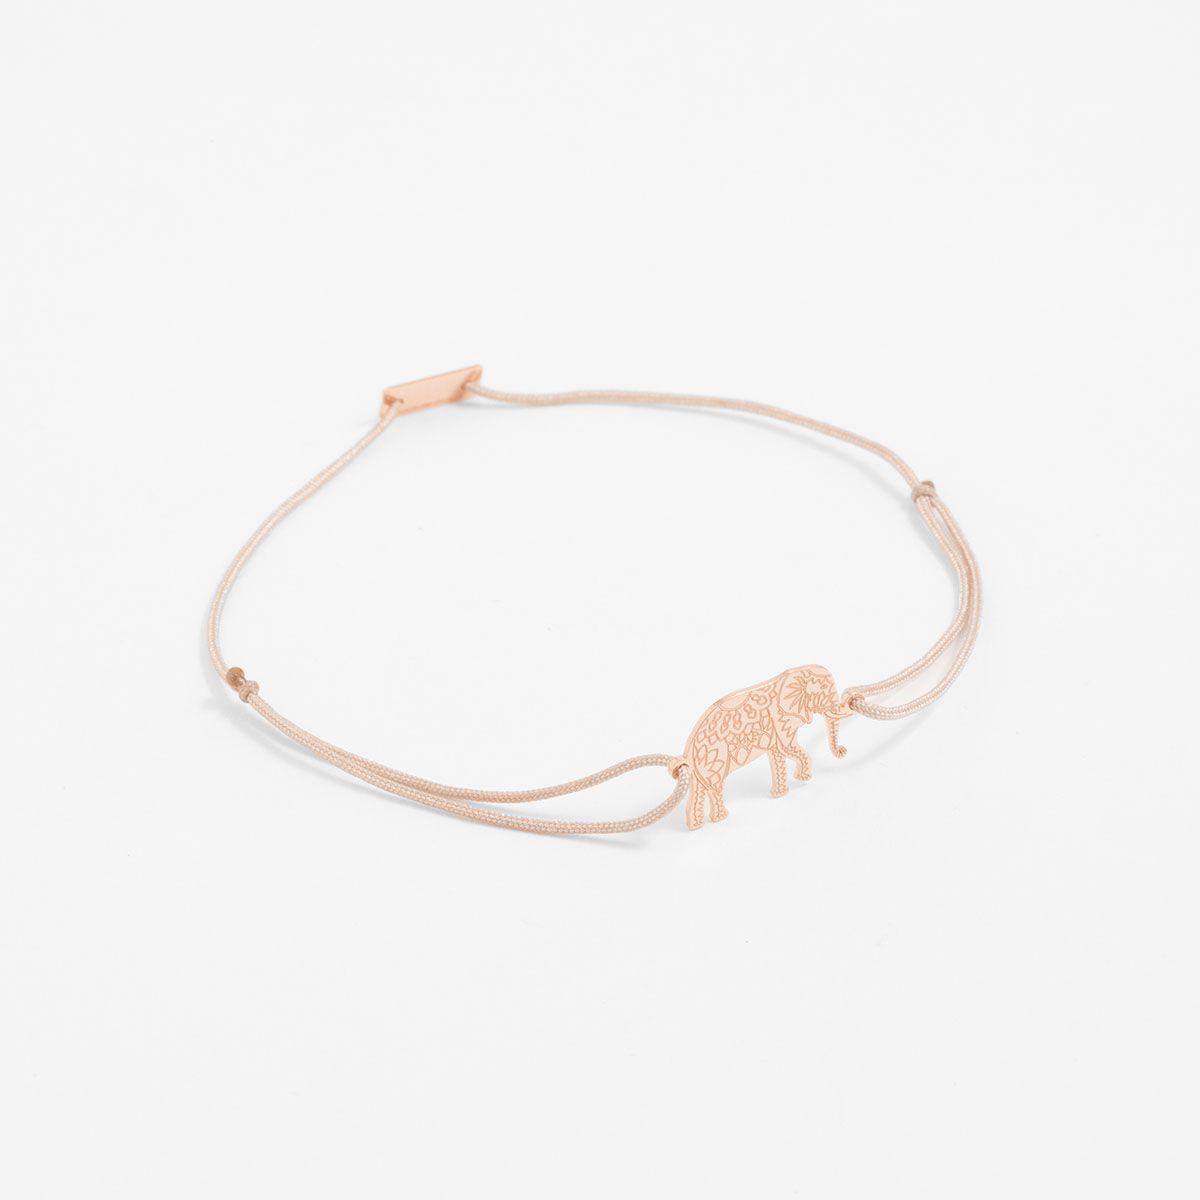 Chiara - Armband - Nude